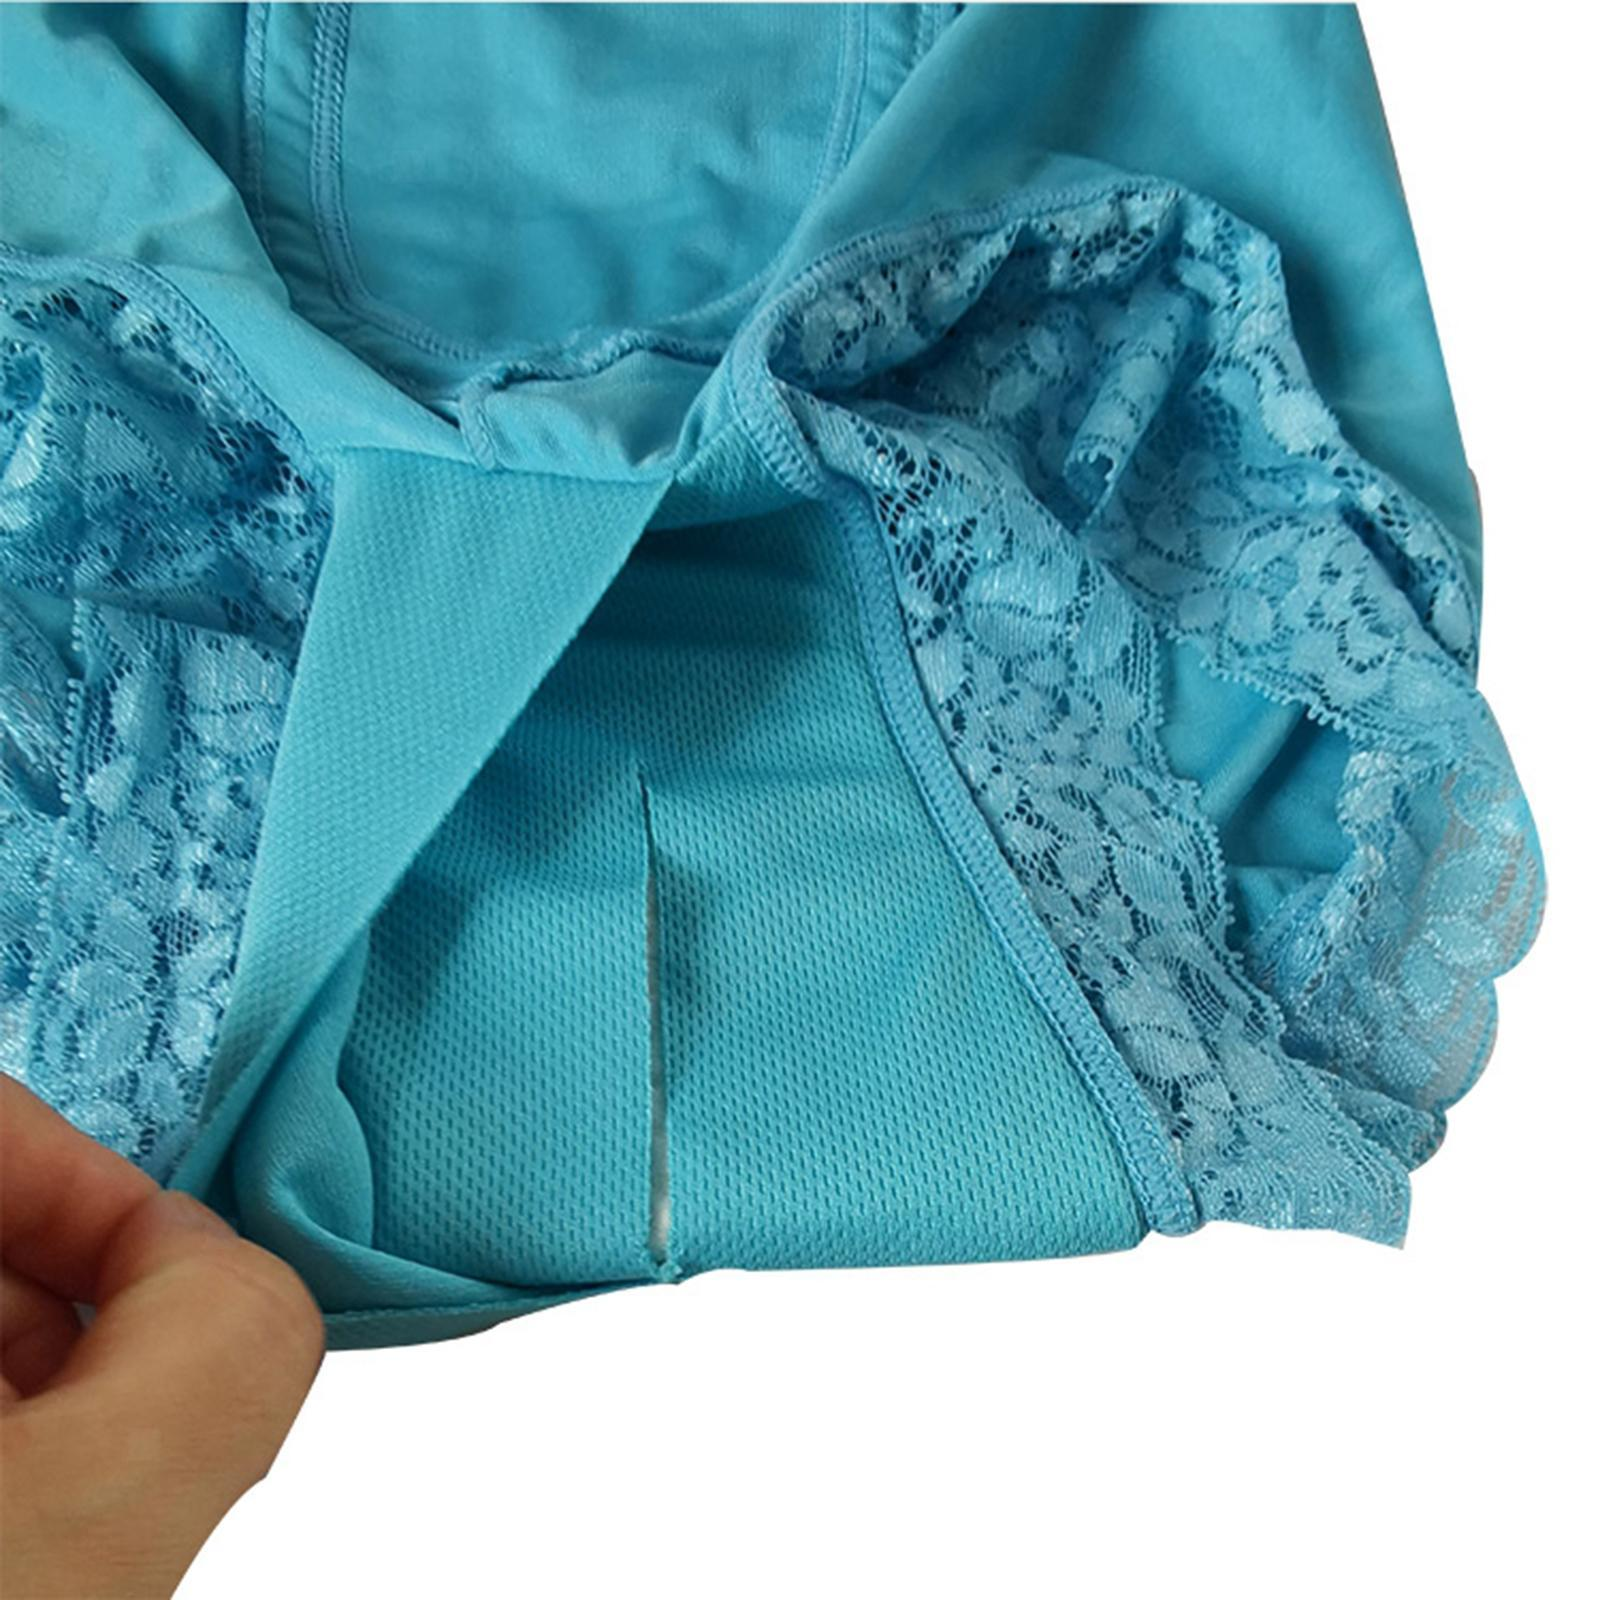 Indexbild 25 - Wiederverwendbare Inkontinenz Unterwäsche mit Pad für Frauen Menstruations